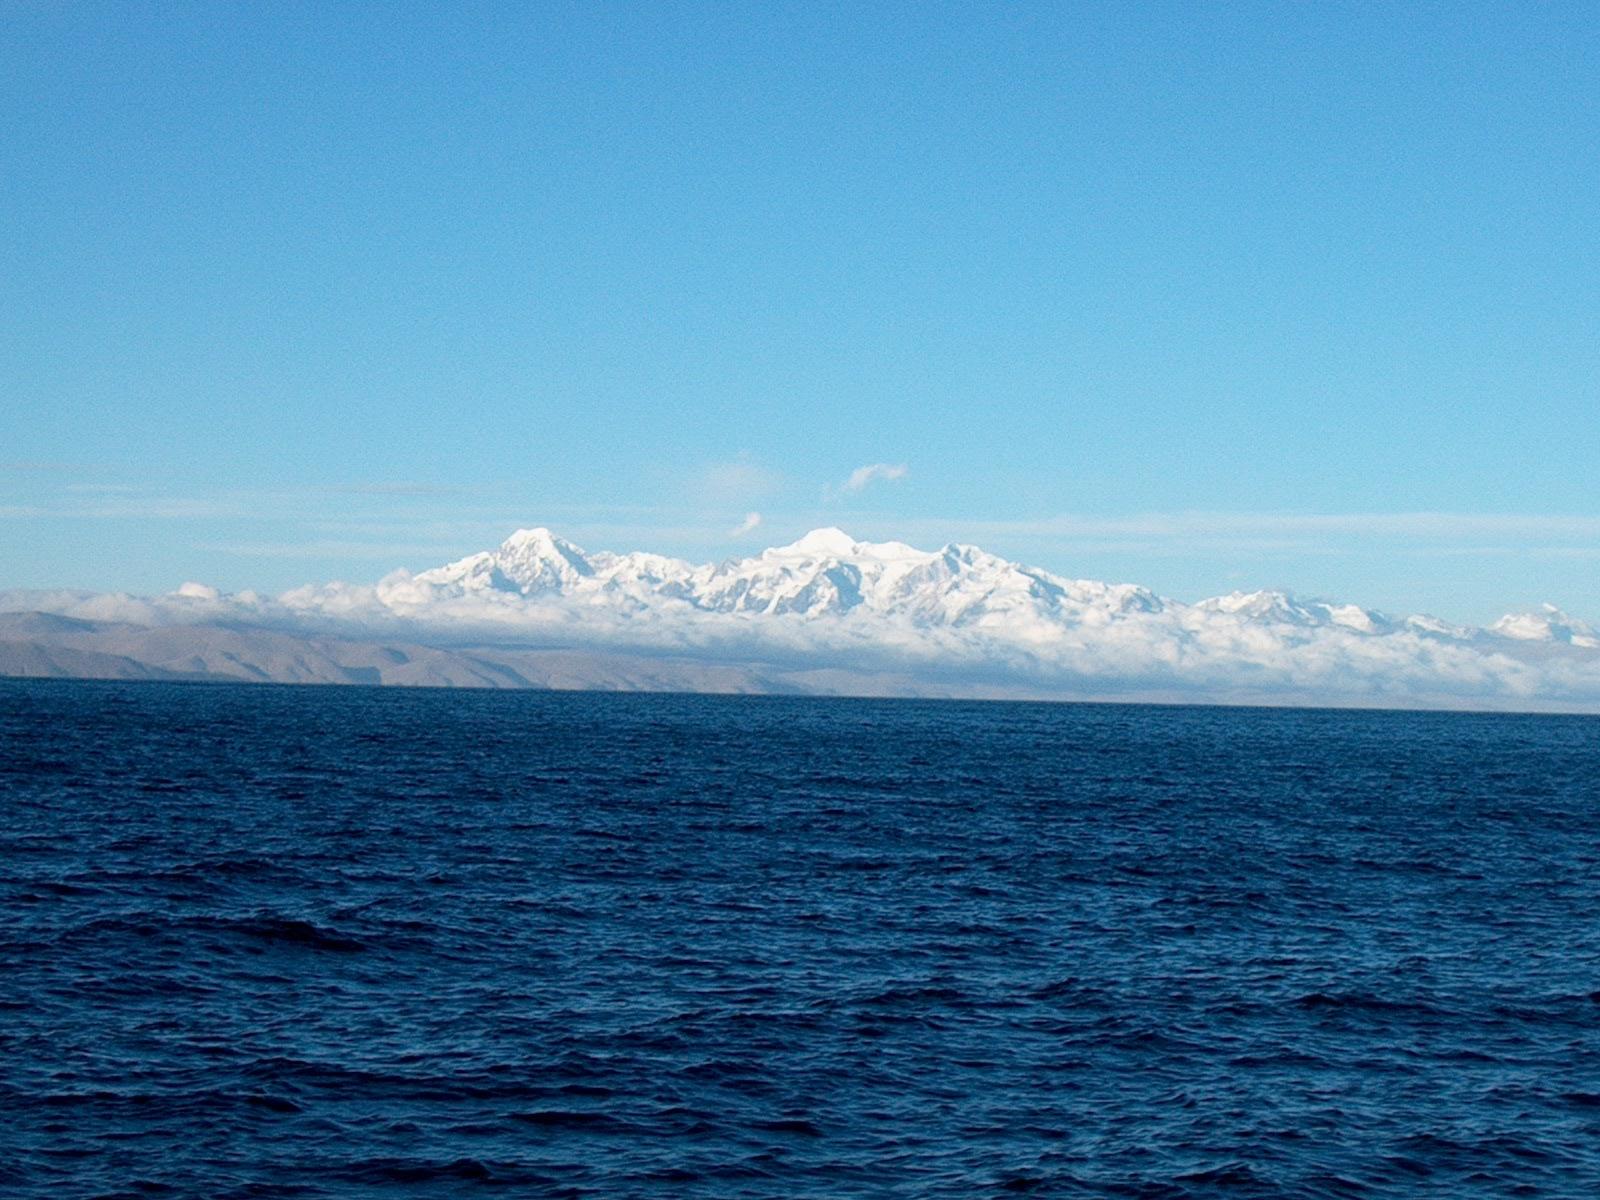 2002_Titicaca_03